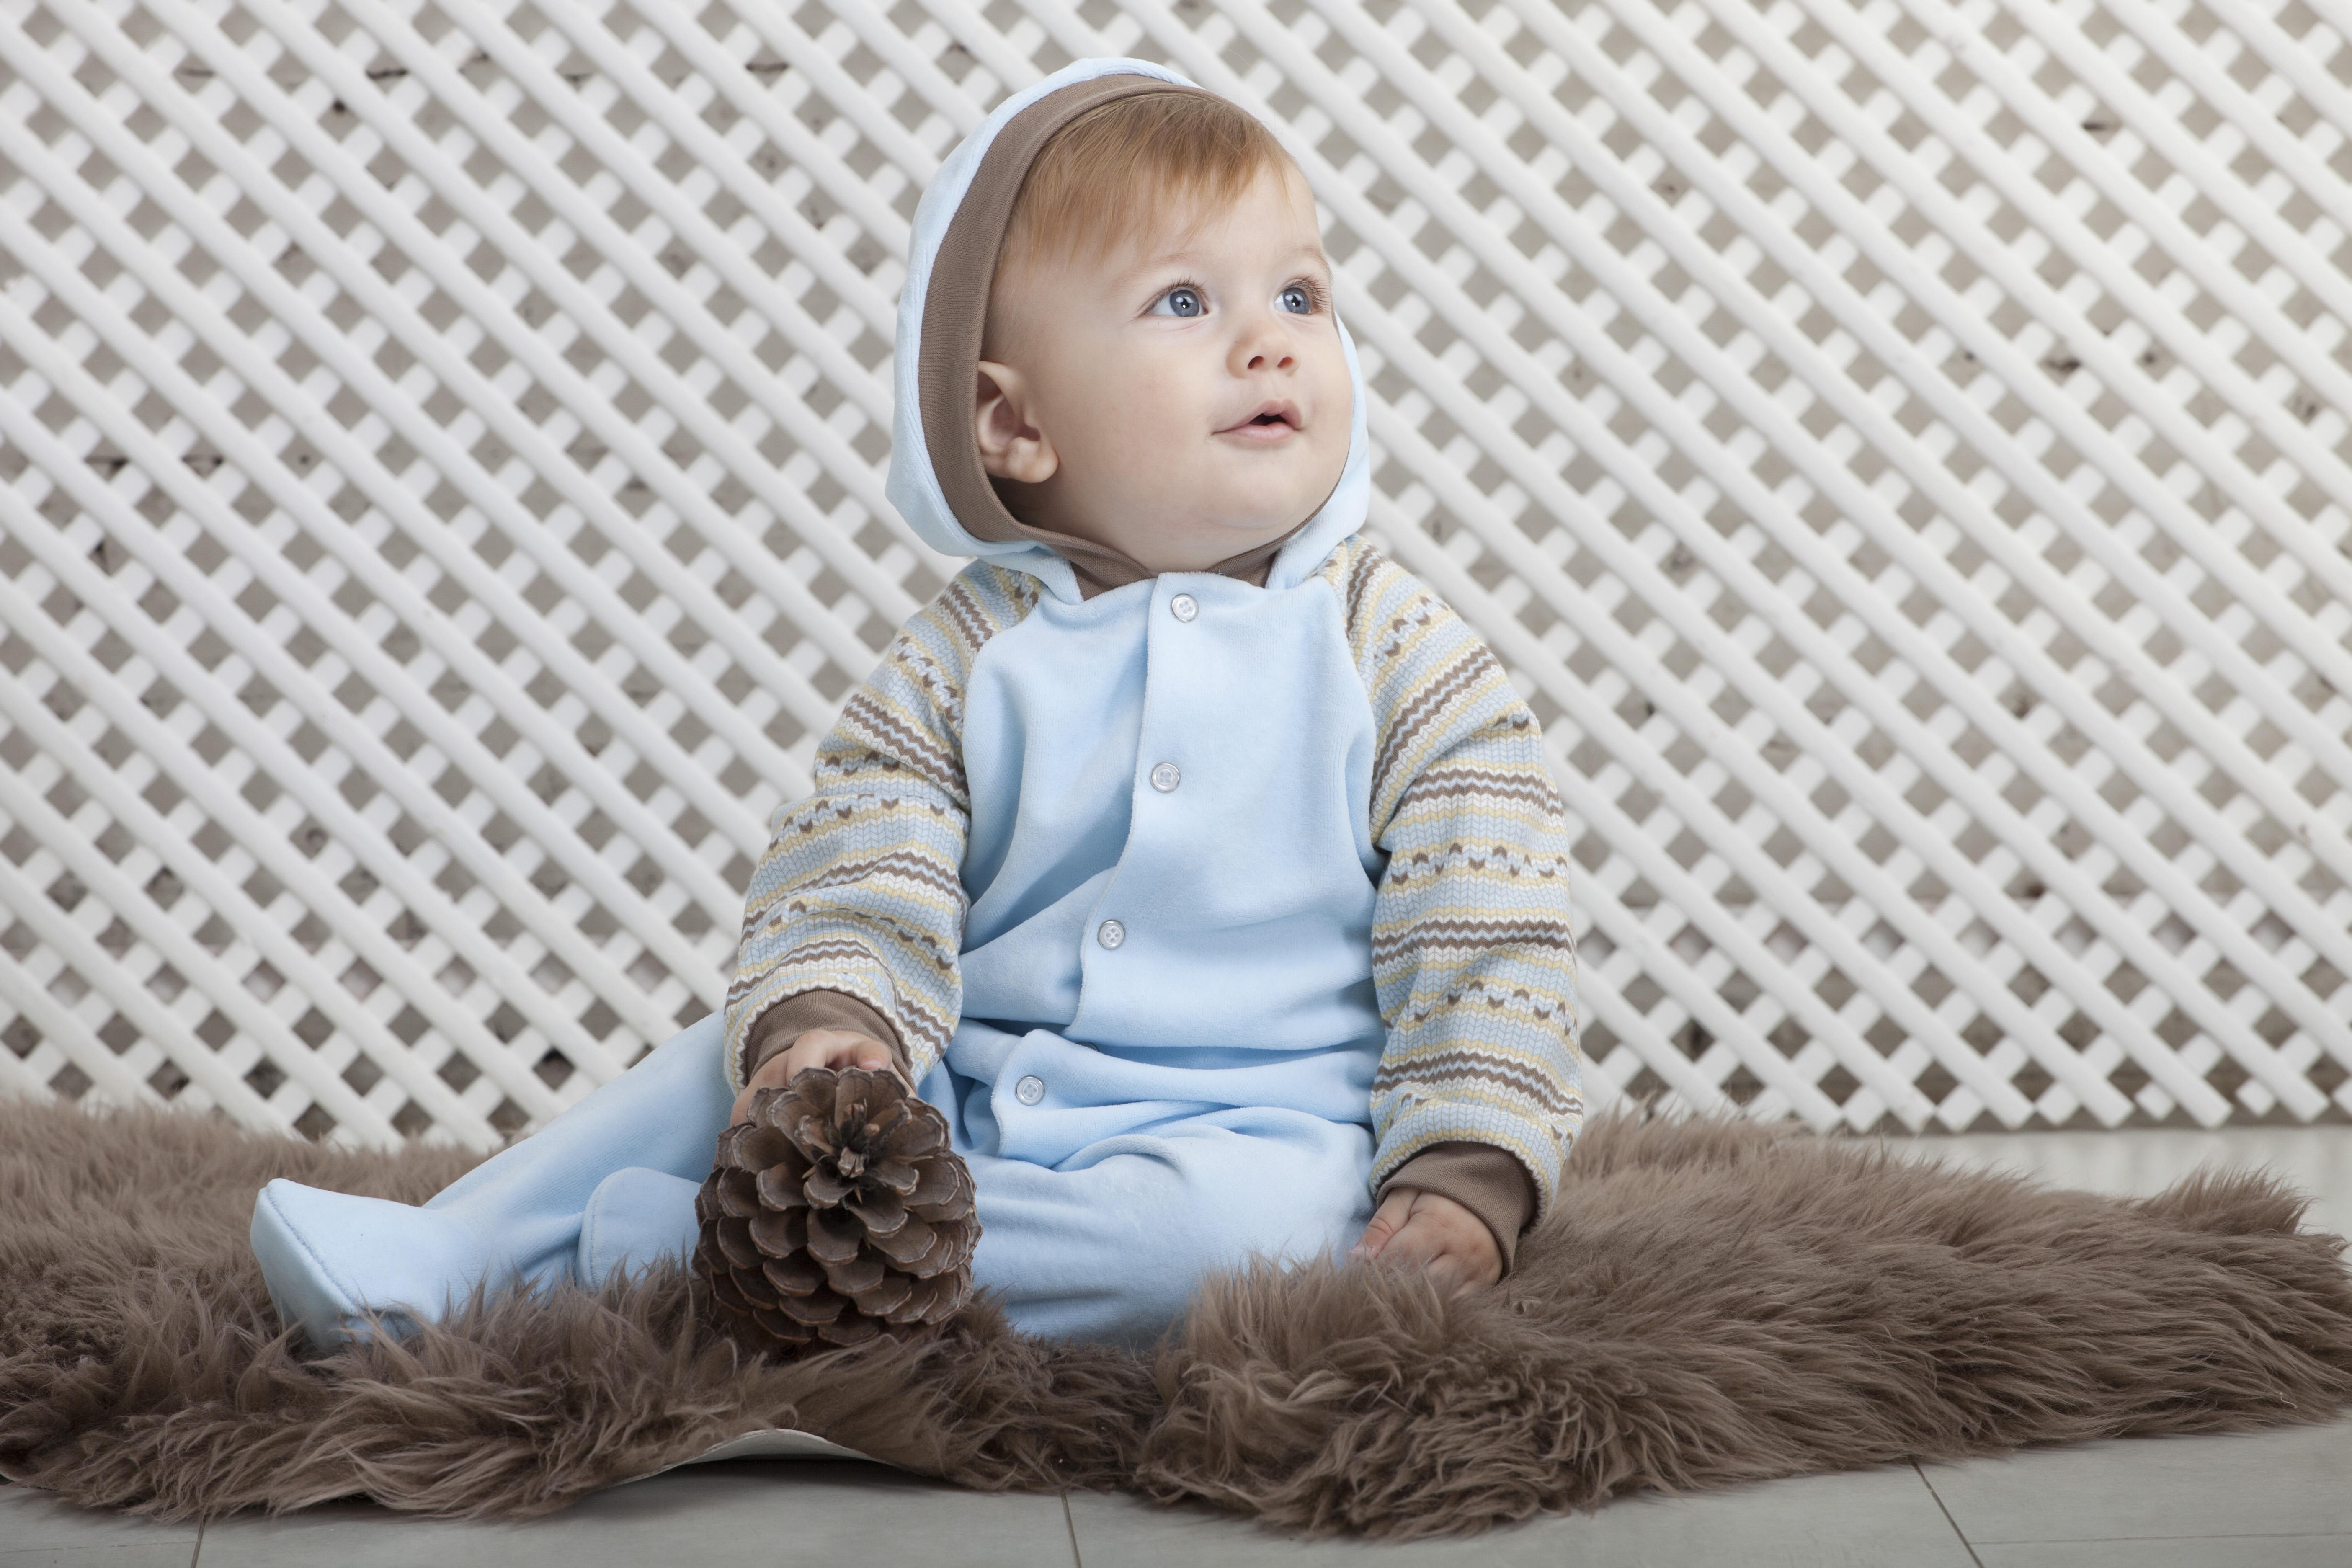 Сбор заказов. Страна М-а-м-у-л-я-н-д-и-я.Новая коллекция красивых и качественных вещей для деток от 0 до 3 лет! :)-3